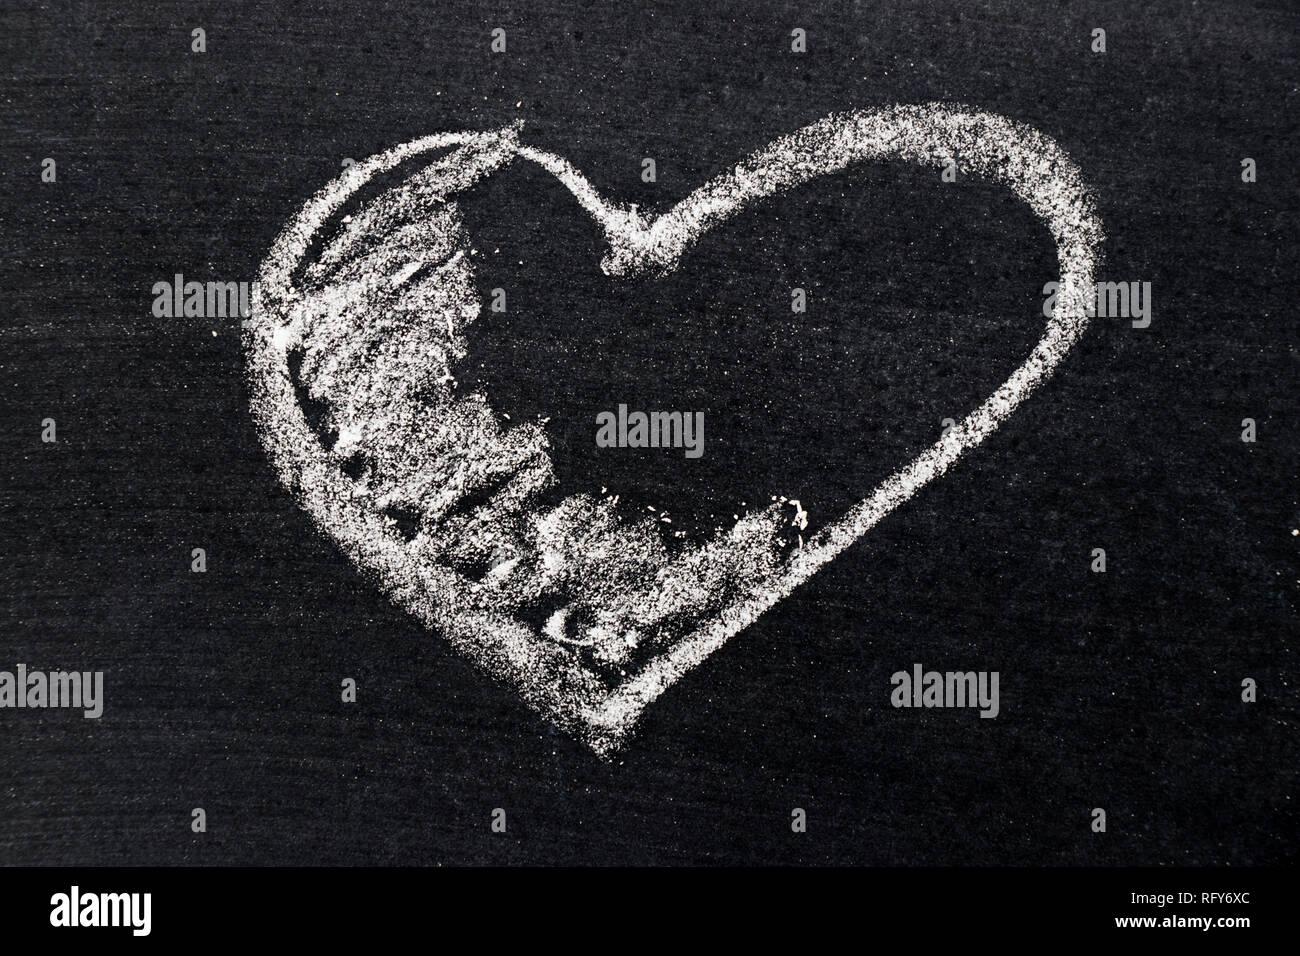 Dessin à La Craie Blanche En Forme De Coeur Noir Sur Fond D